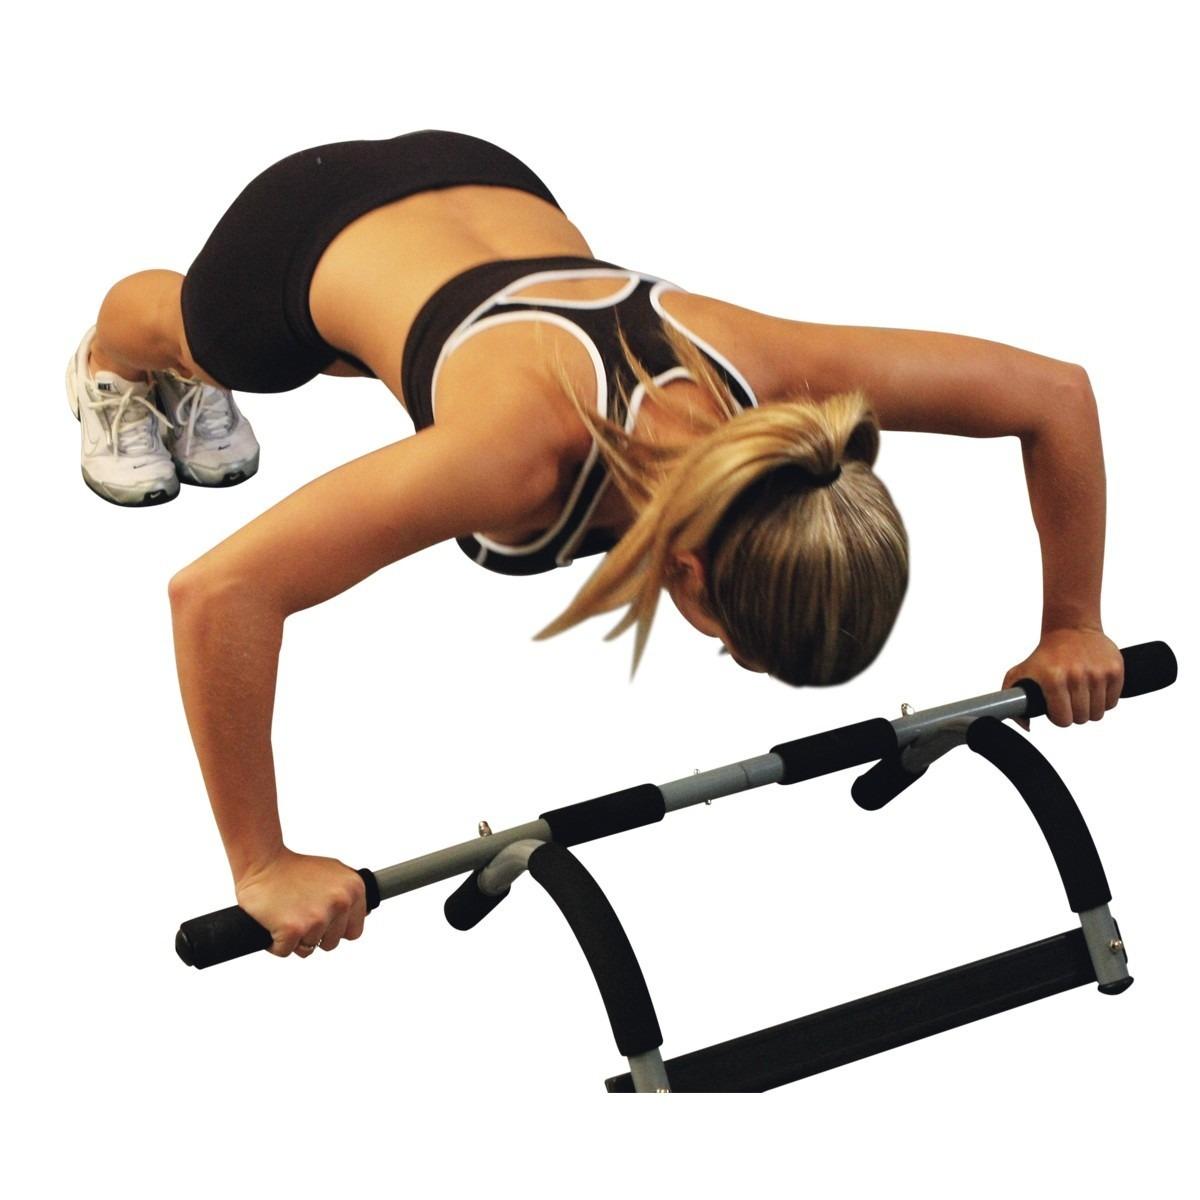 Iron gym - Ejercicios brazos